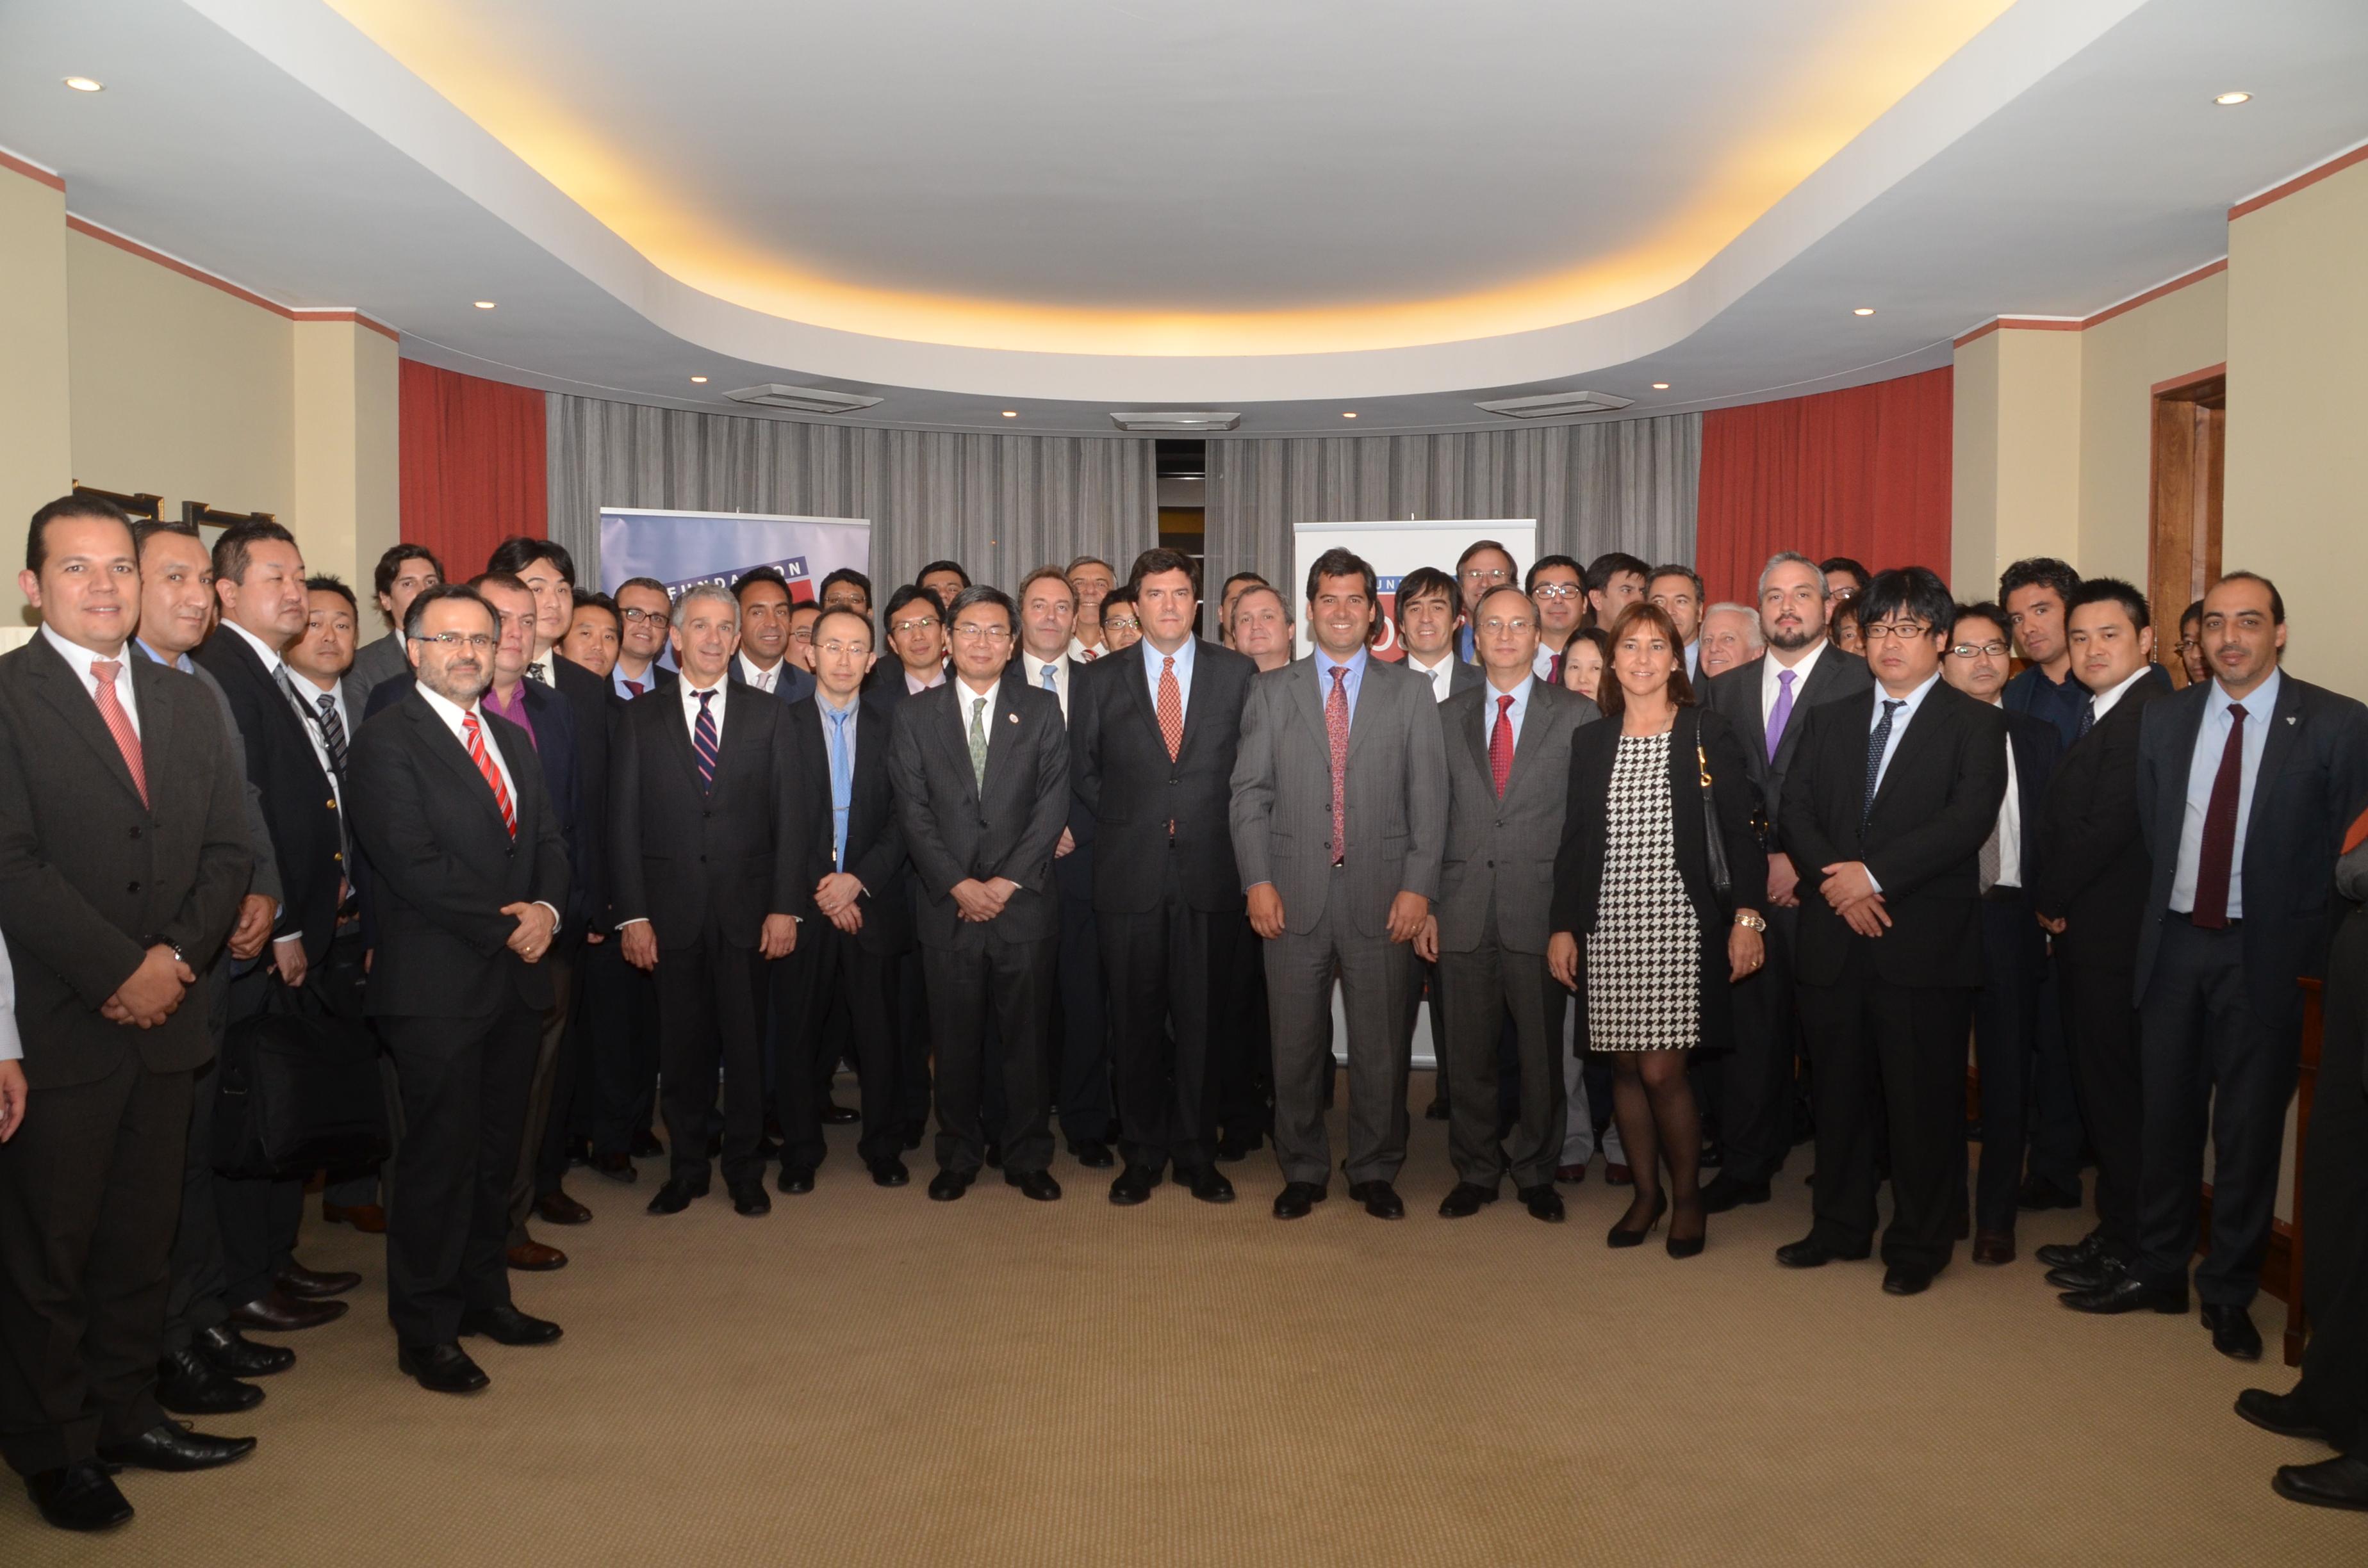 Fundación País Digital celebra Día de las Telecomunicaciones con recepción para delegación del gobierno de Japón